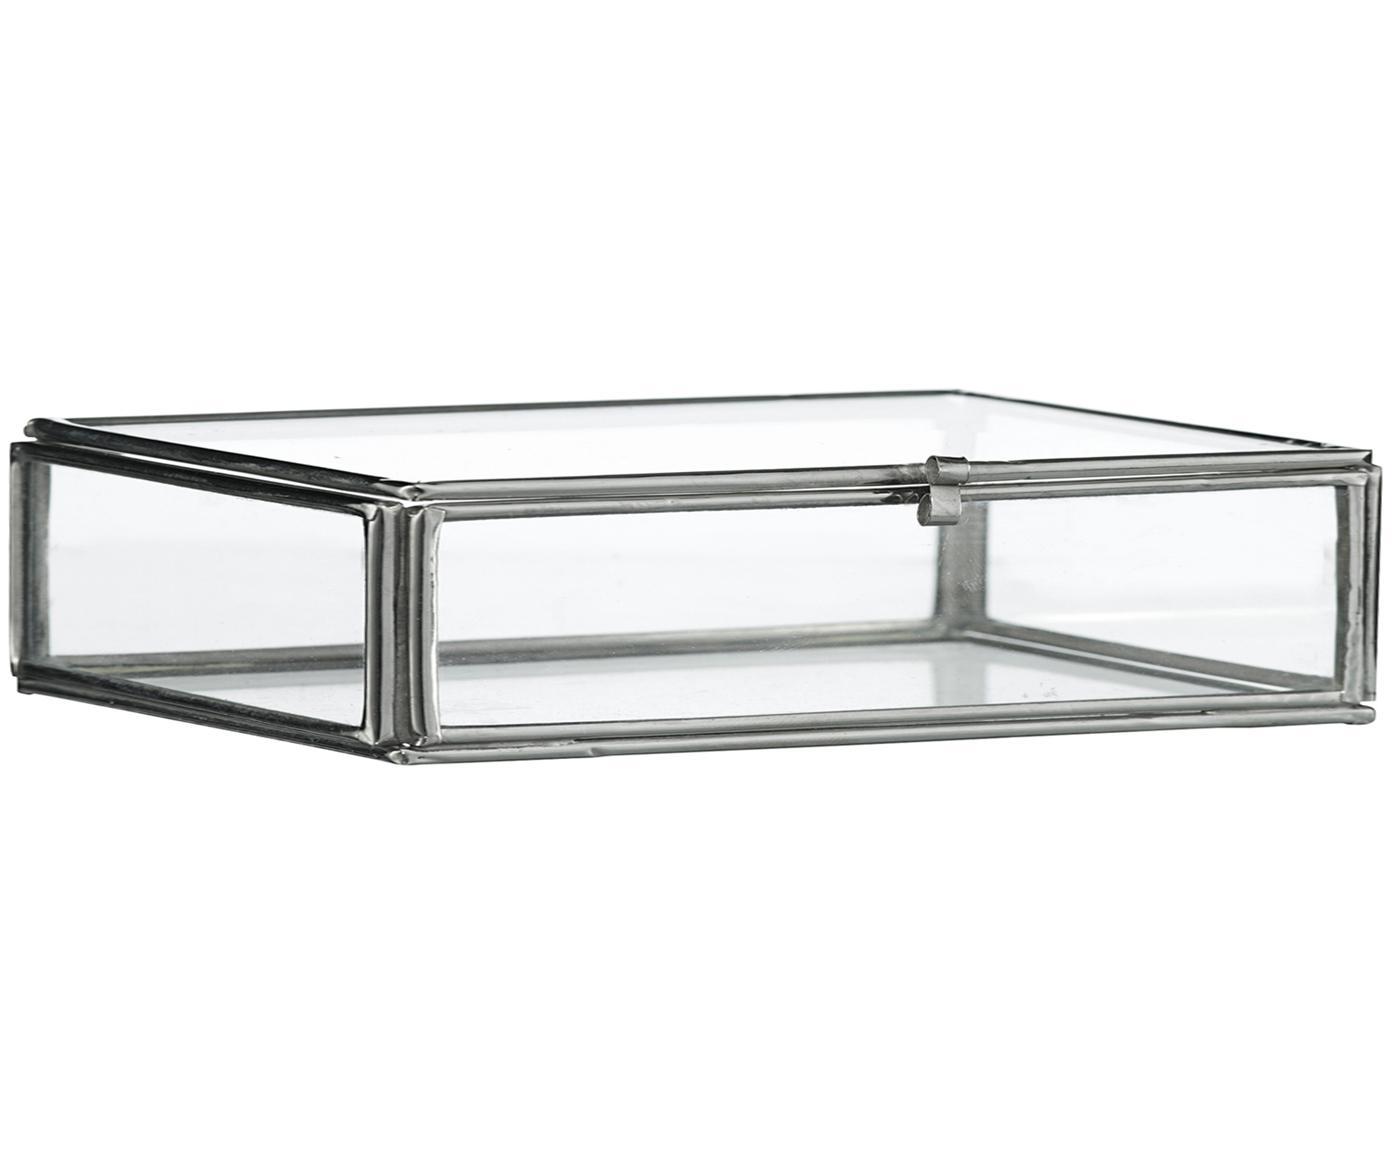 Aufbewahrungsbox Ivey, Rahmen: Metall, beschichtet, Edelstahl, 10 x 3 cm